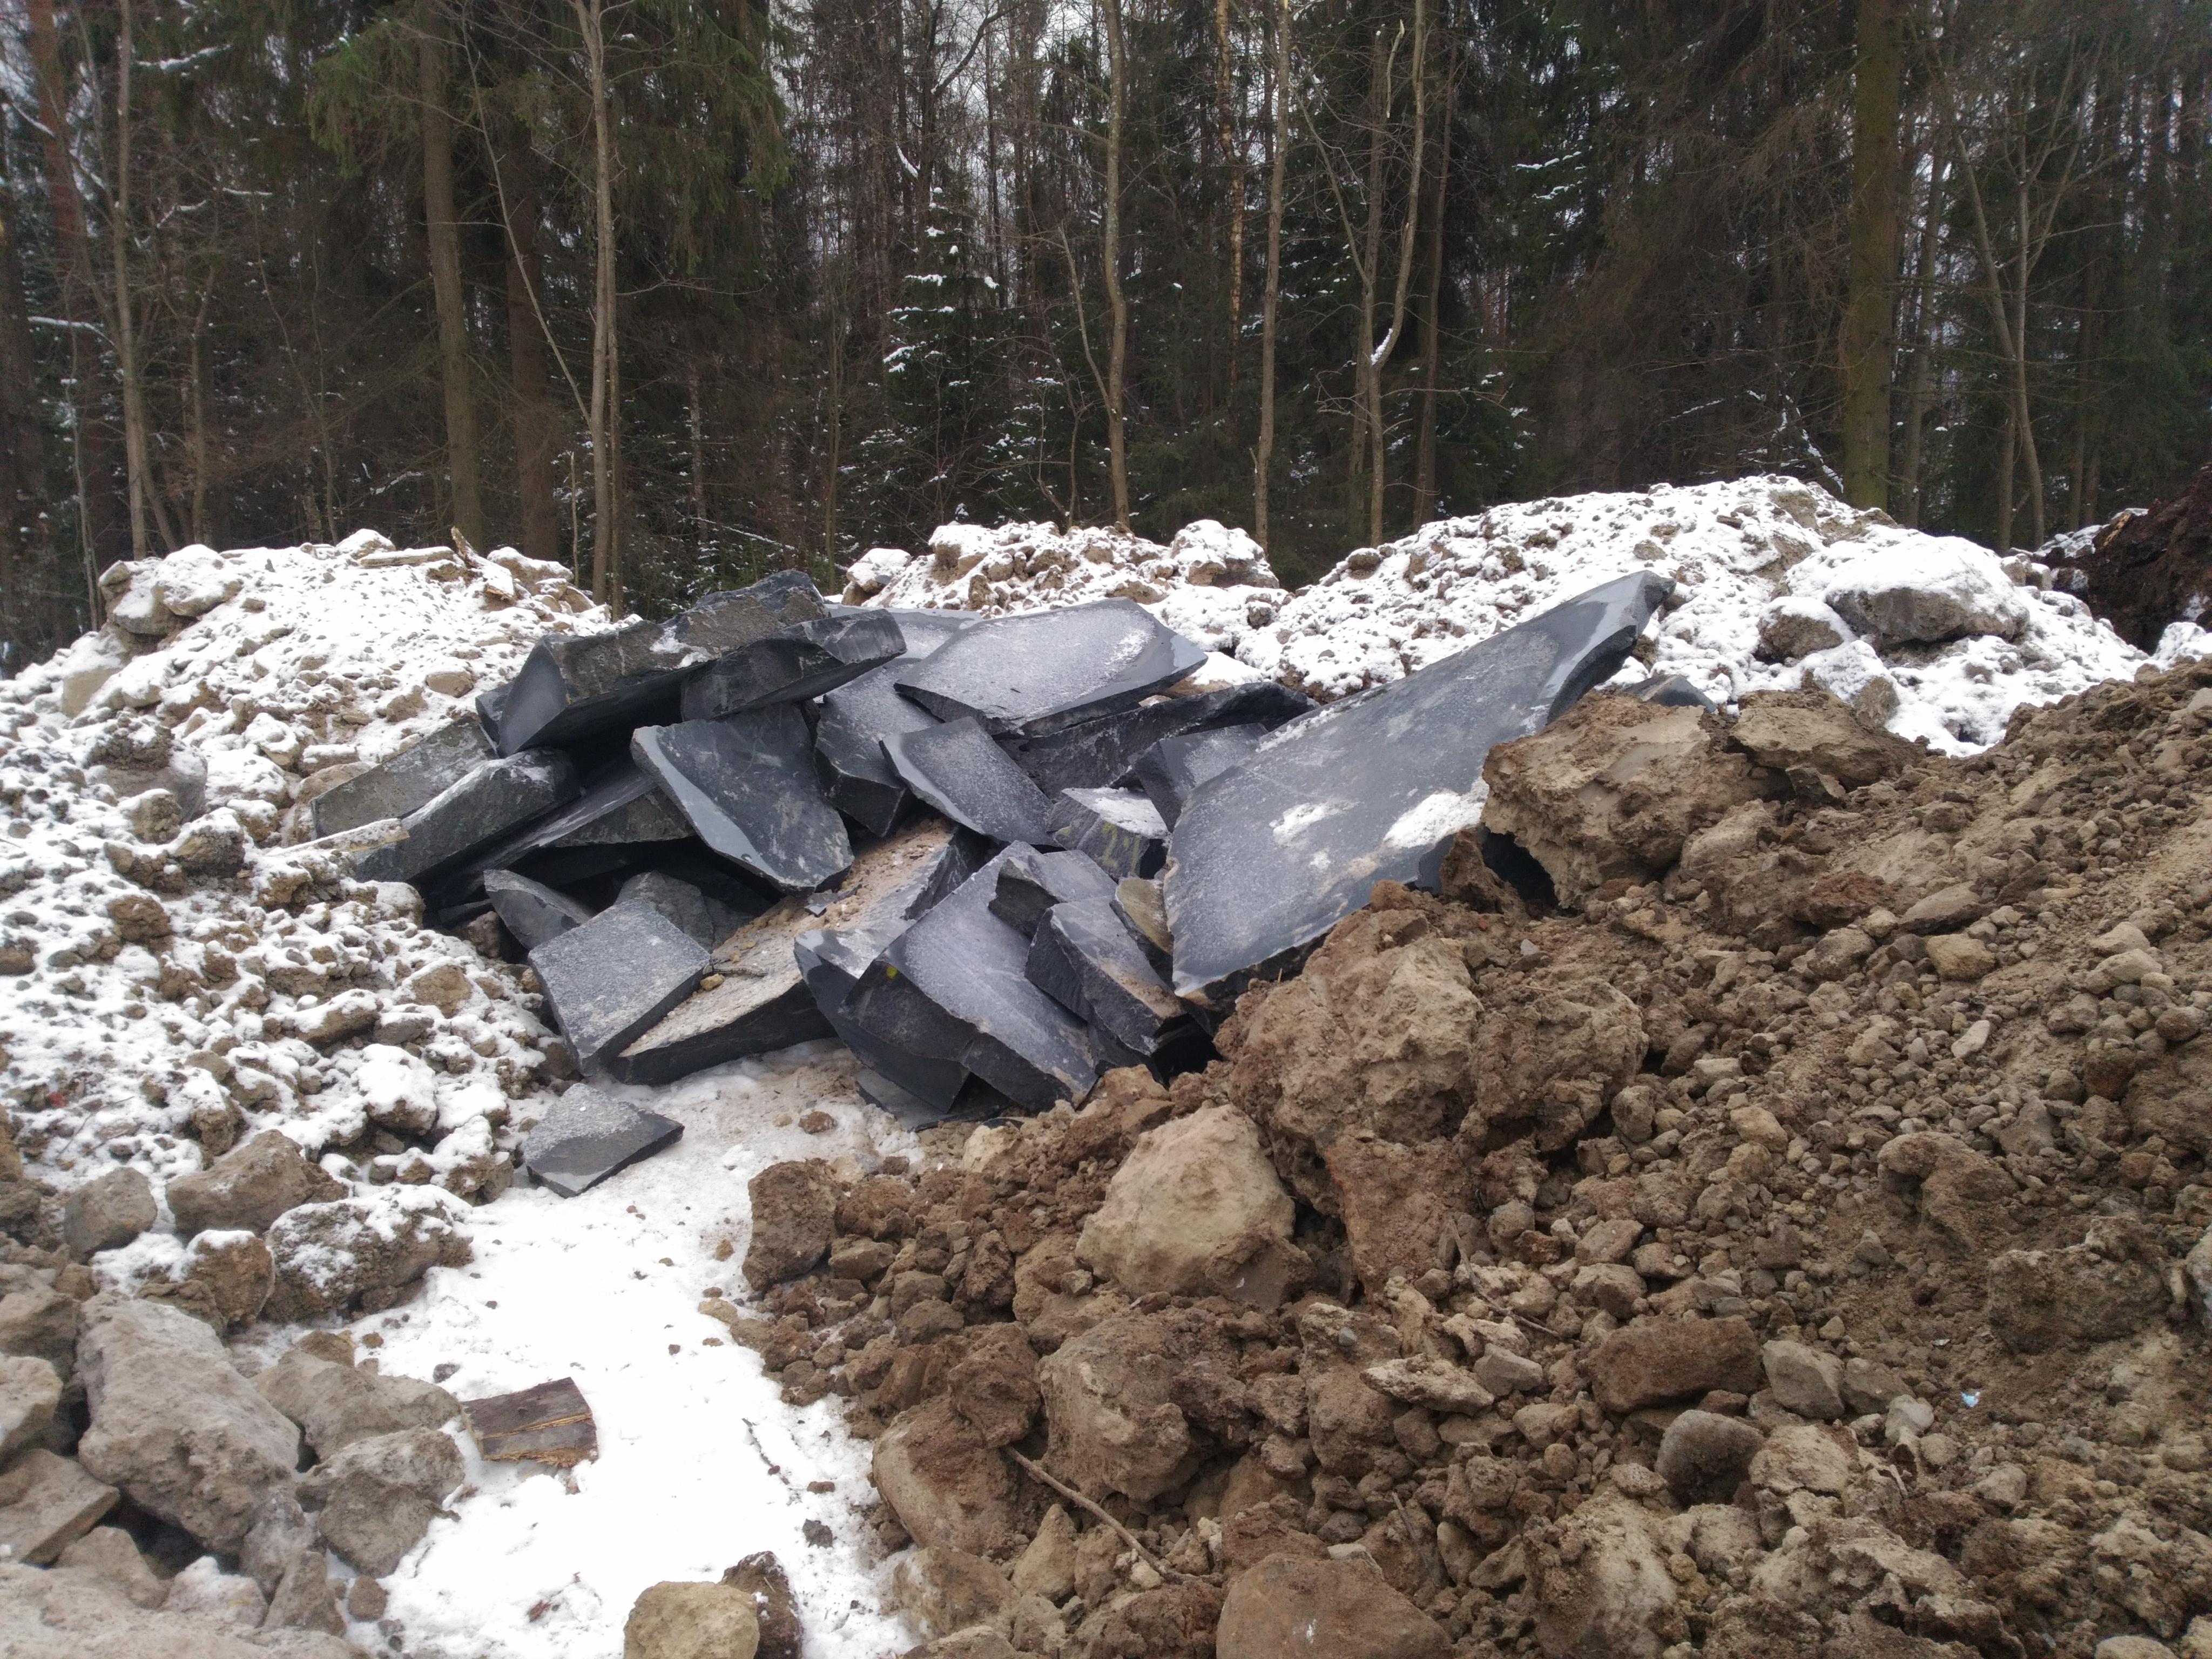 Глава поселения мешает незаконной утилизации строительного и бытового мусора? Фото: Алексей Владимиров